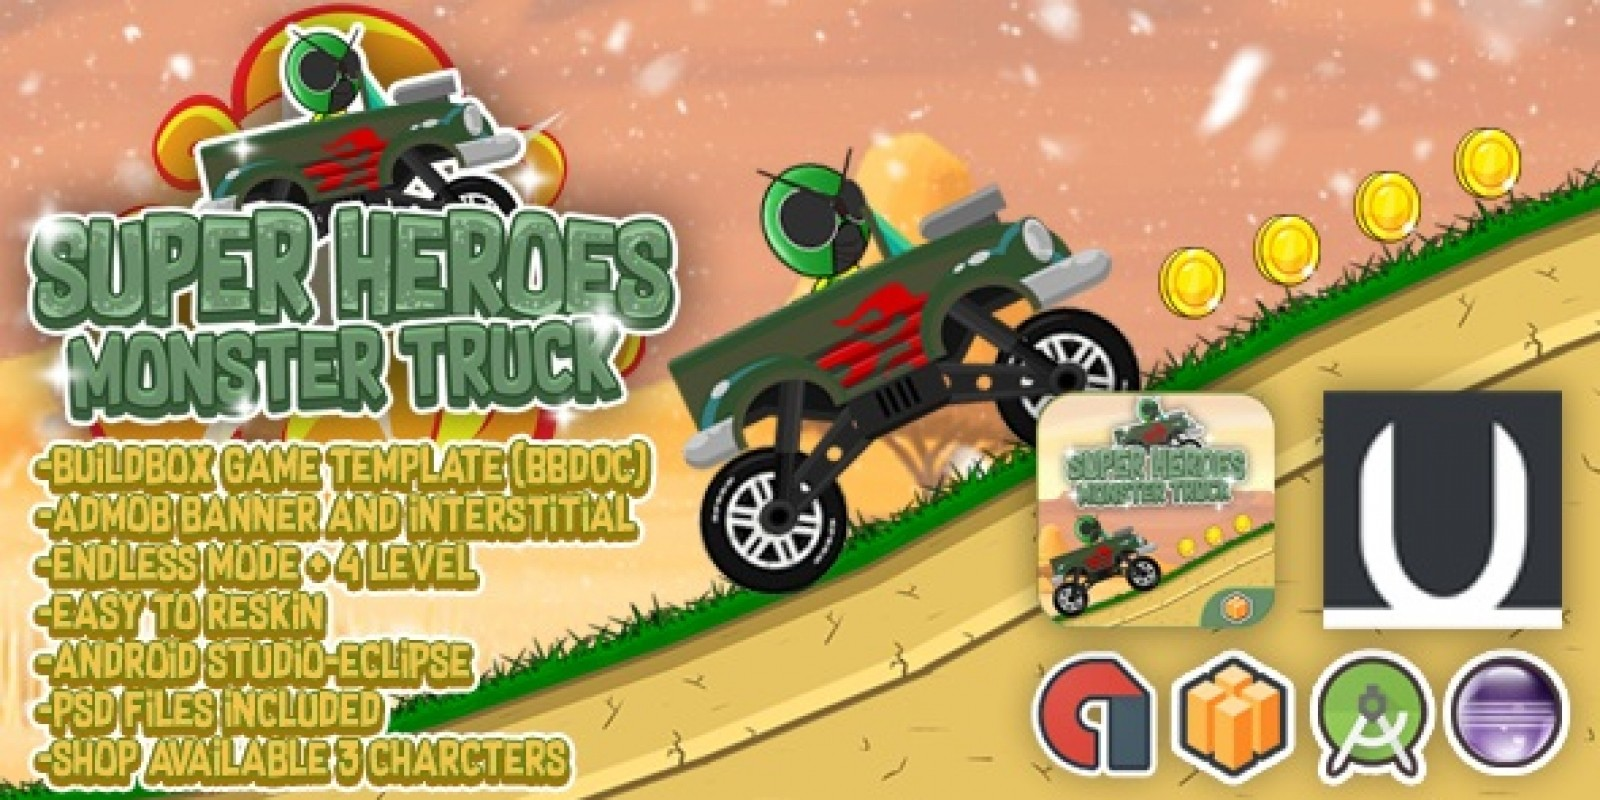 Super Heroes Monster Truck - Buildbox Template